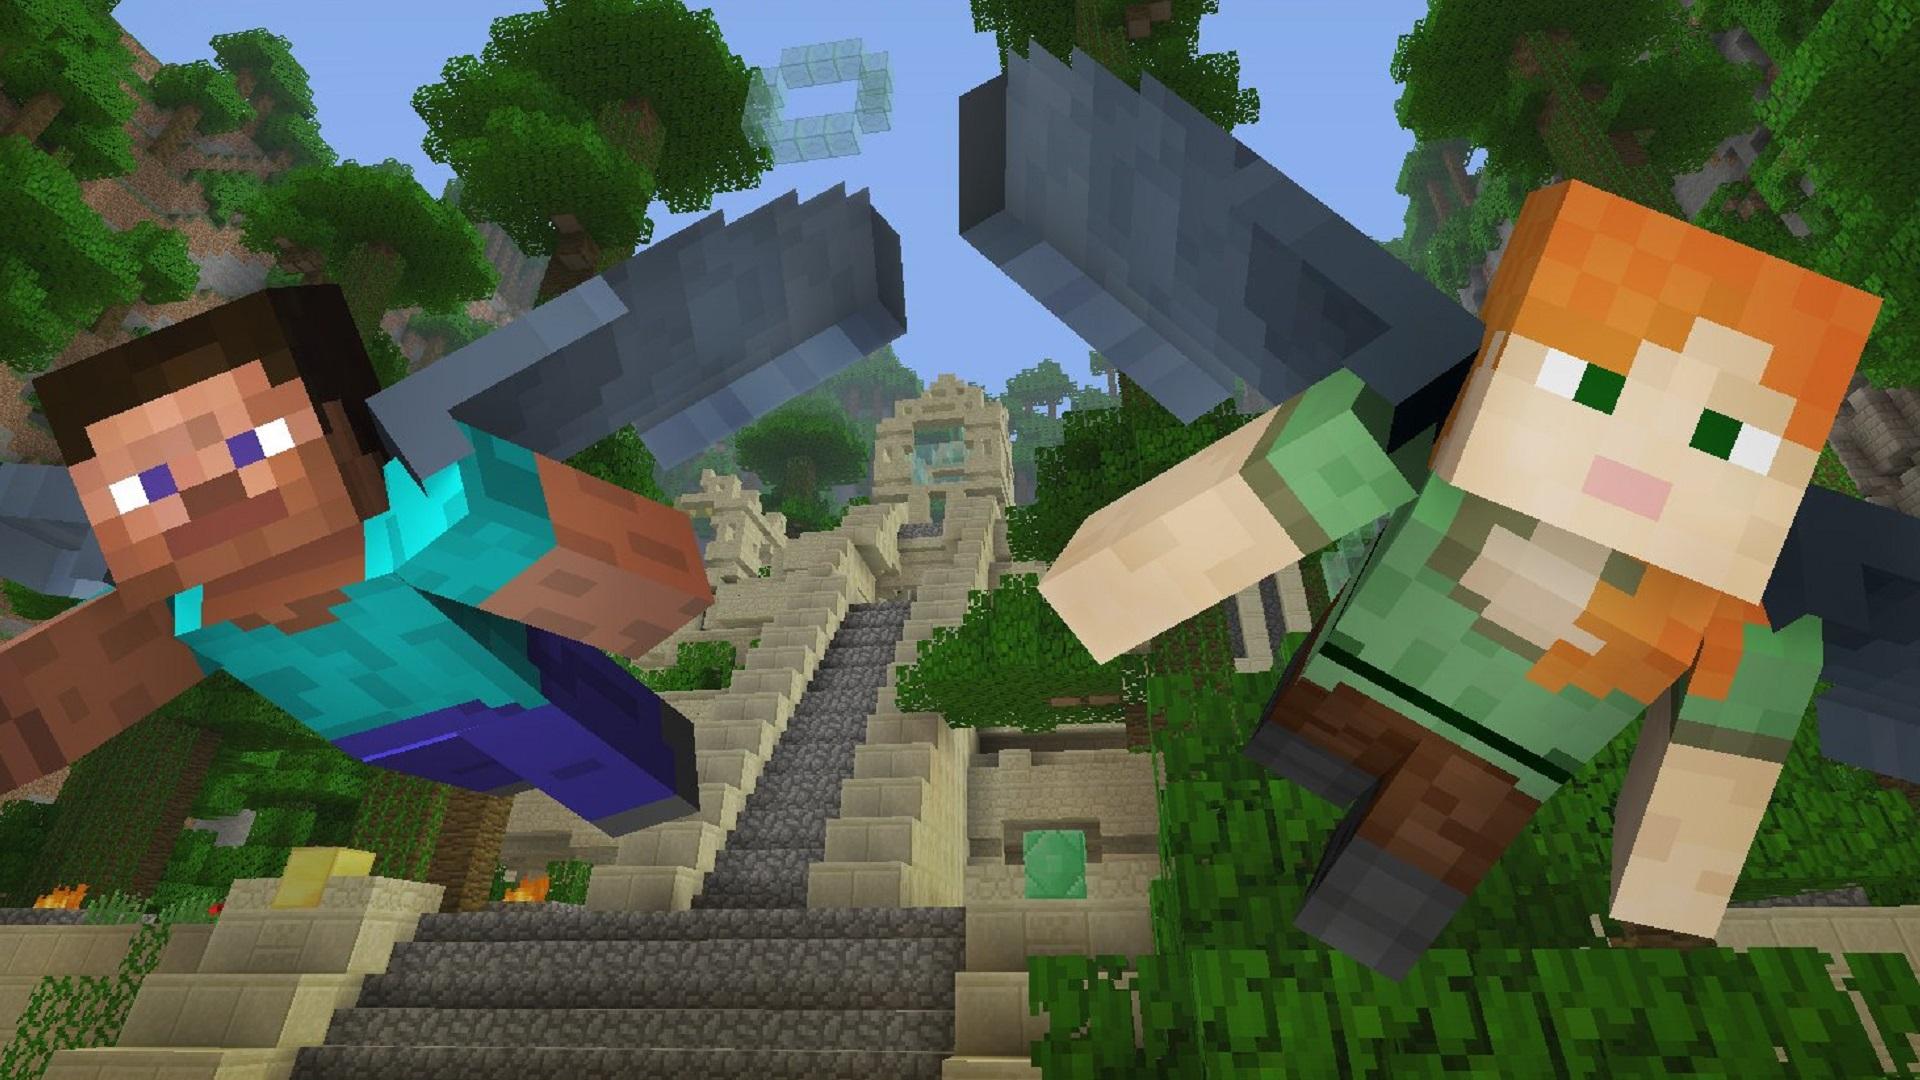 Minecraft Datentransfer Von Wii U Auf Nintendo Switch Bald Möglich - Minecraft wii spielen